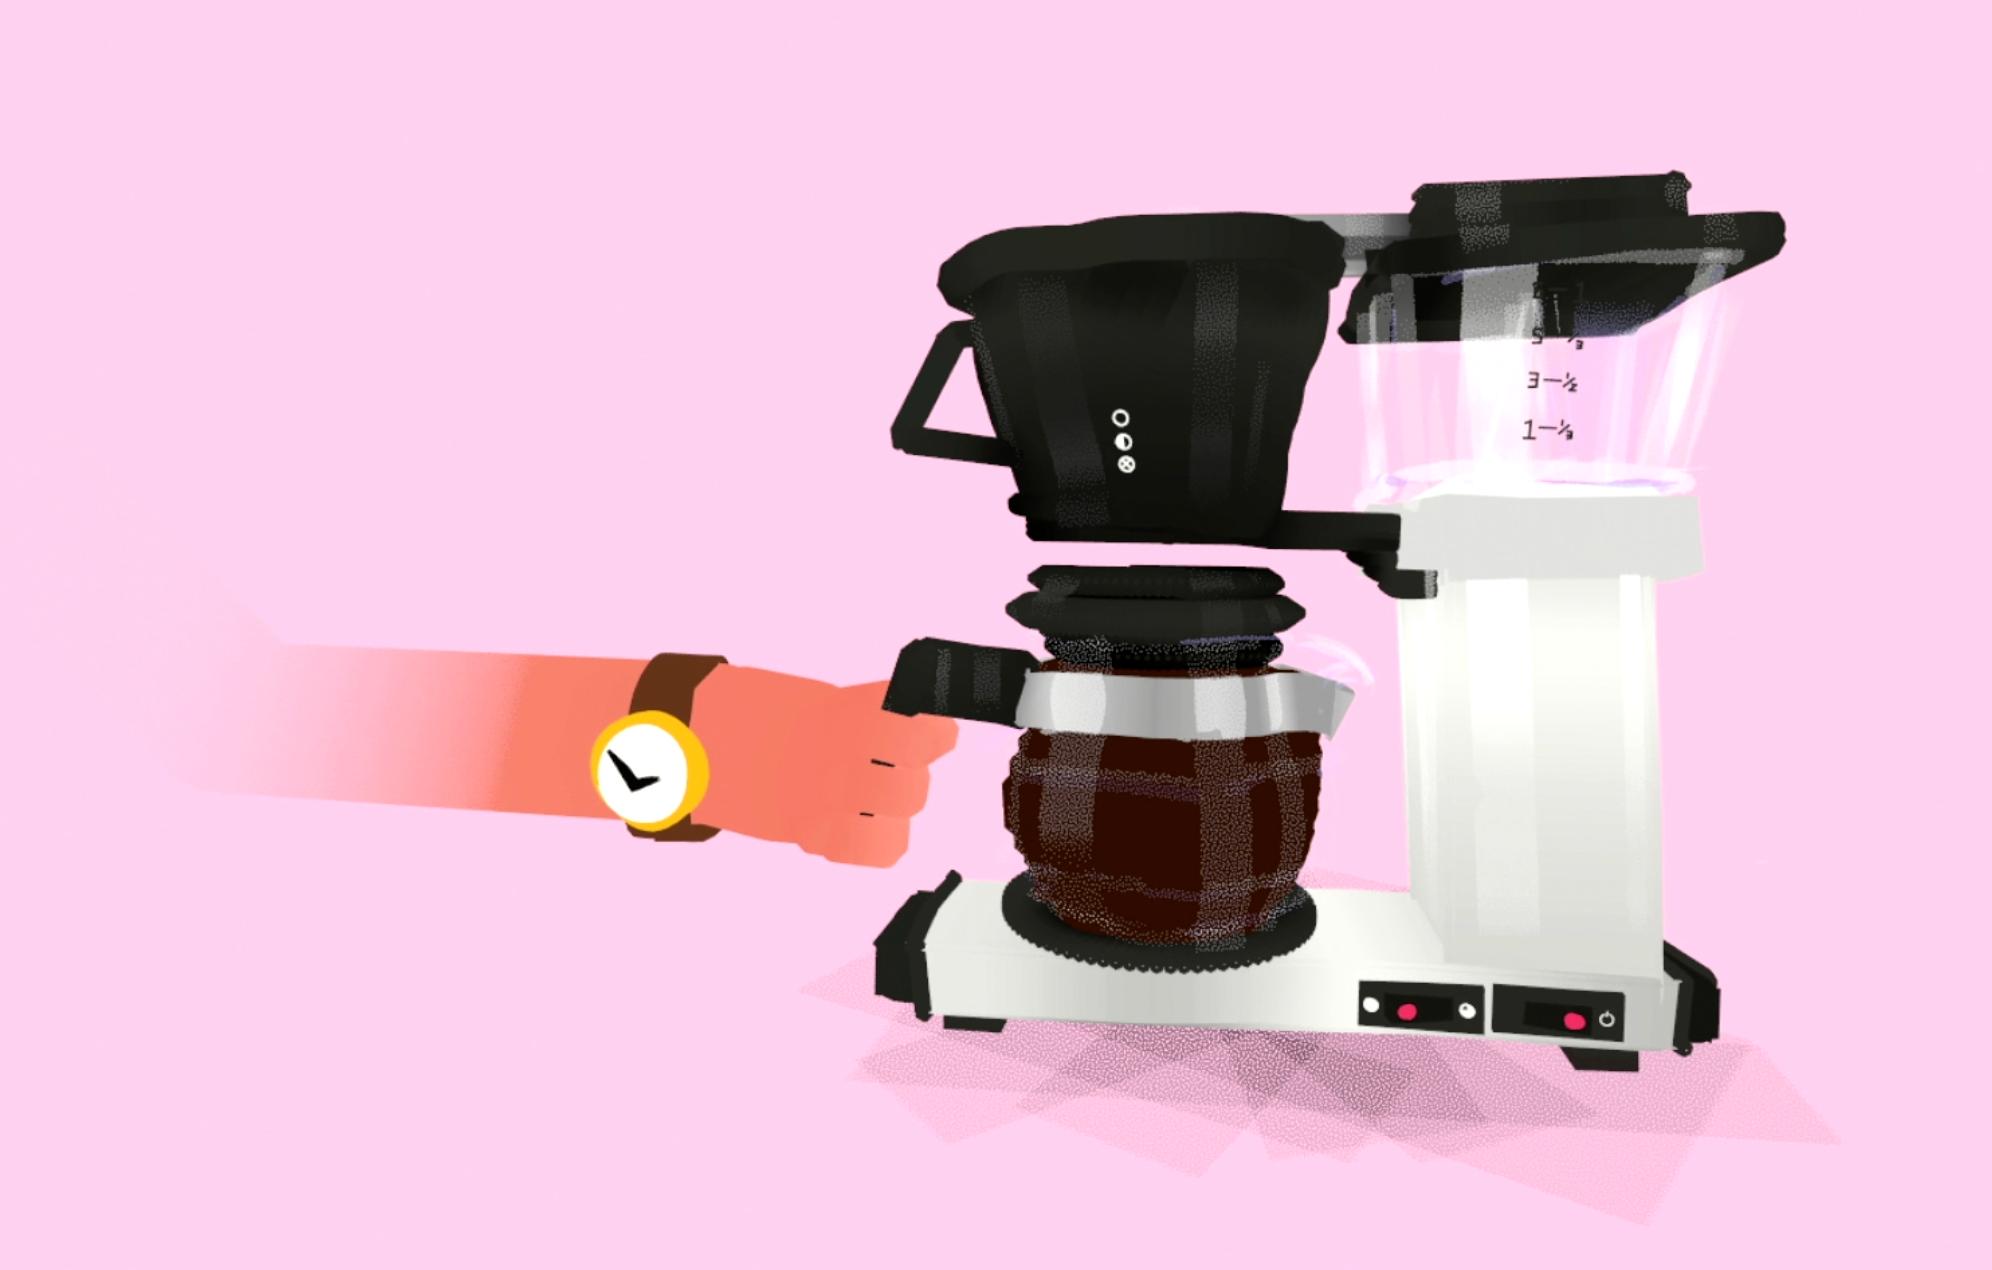 Vr 3d modellering og animasjon av handen til en kontorarbeider som brygger kaffe på en moccamaster